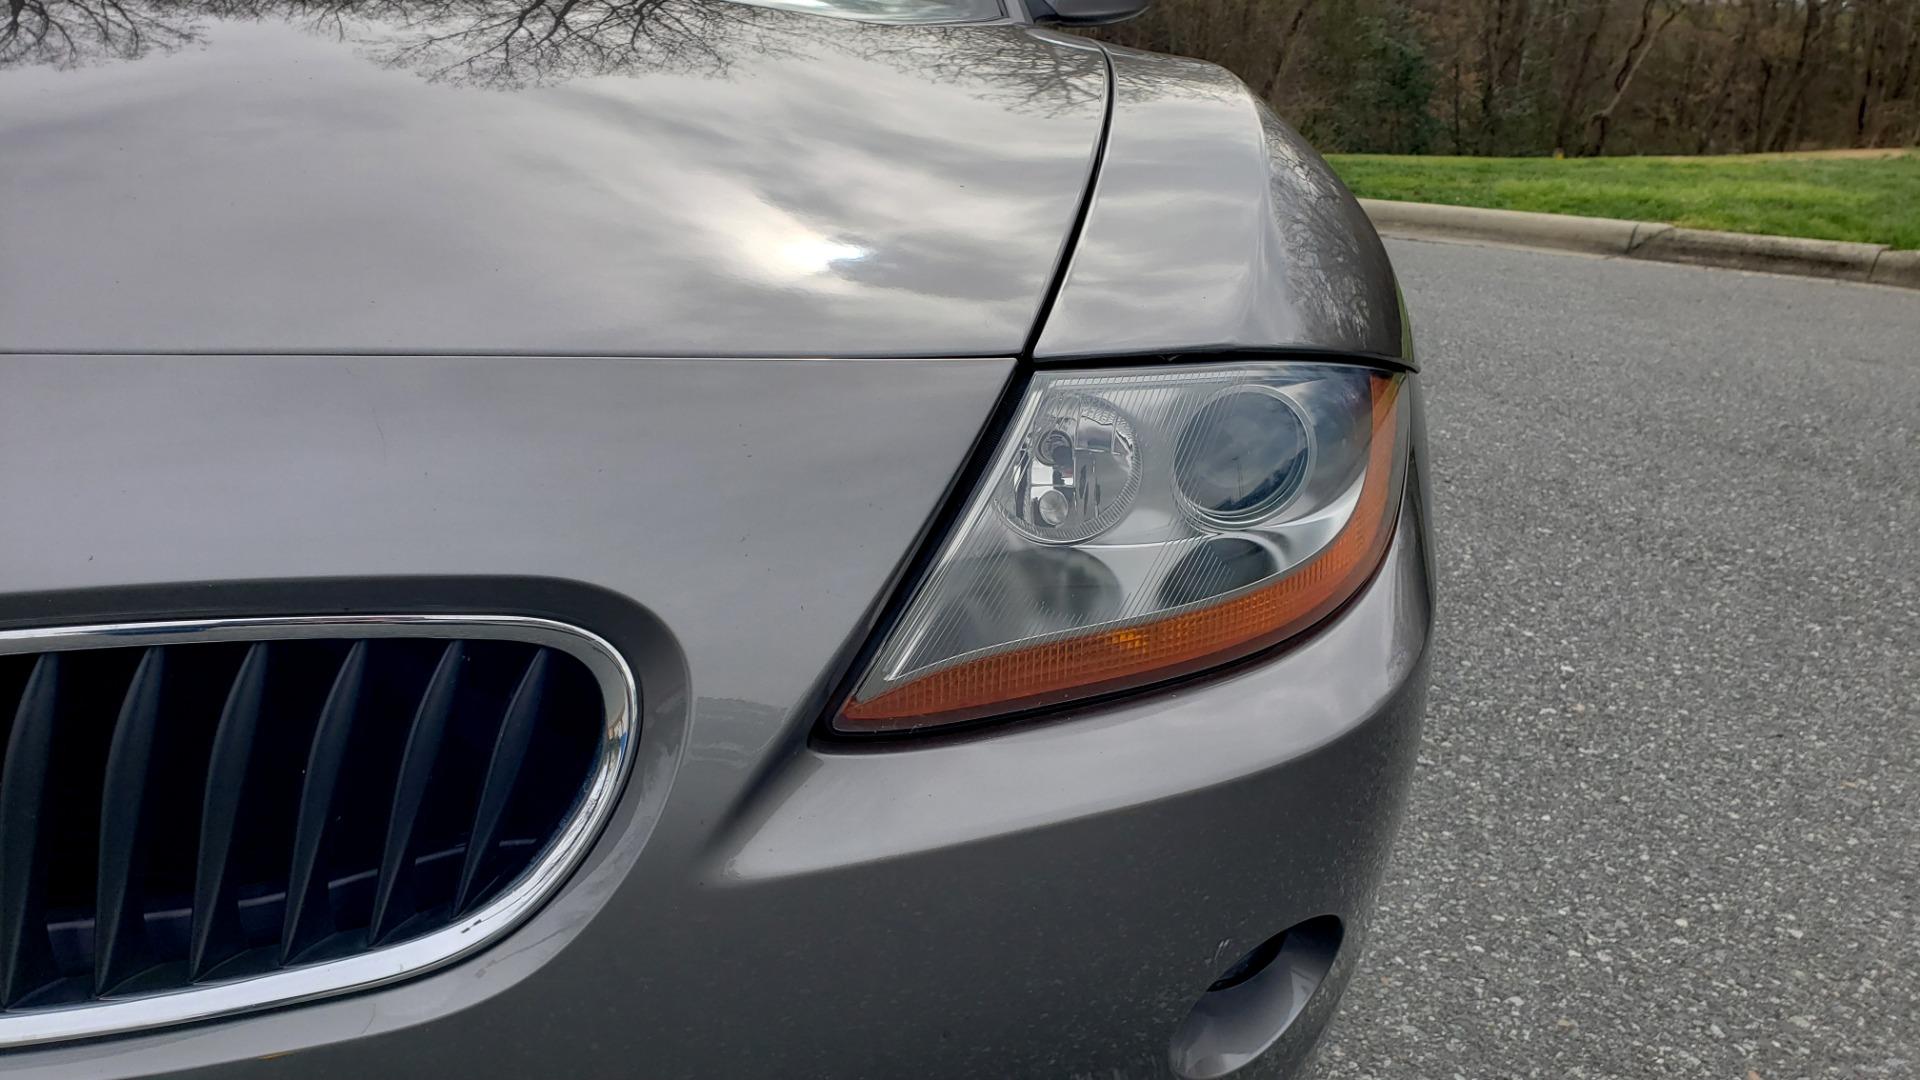 Used 2003 BMW Z4 3.0i ROADSTER / 6-SPD MAN / PREMIUM PKG / SPORT PKG / HTD STS for sale Sold at Formula Imports in Charlotte NC 28227 22